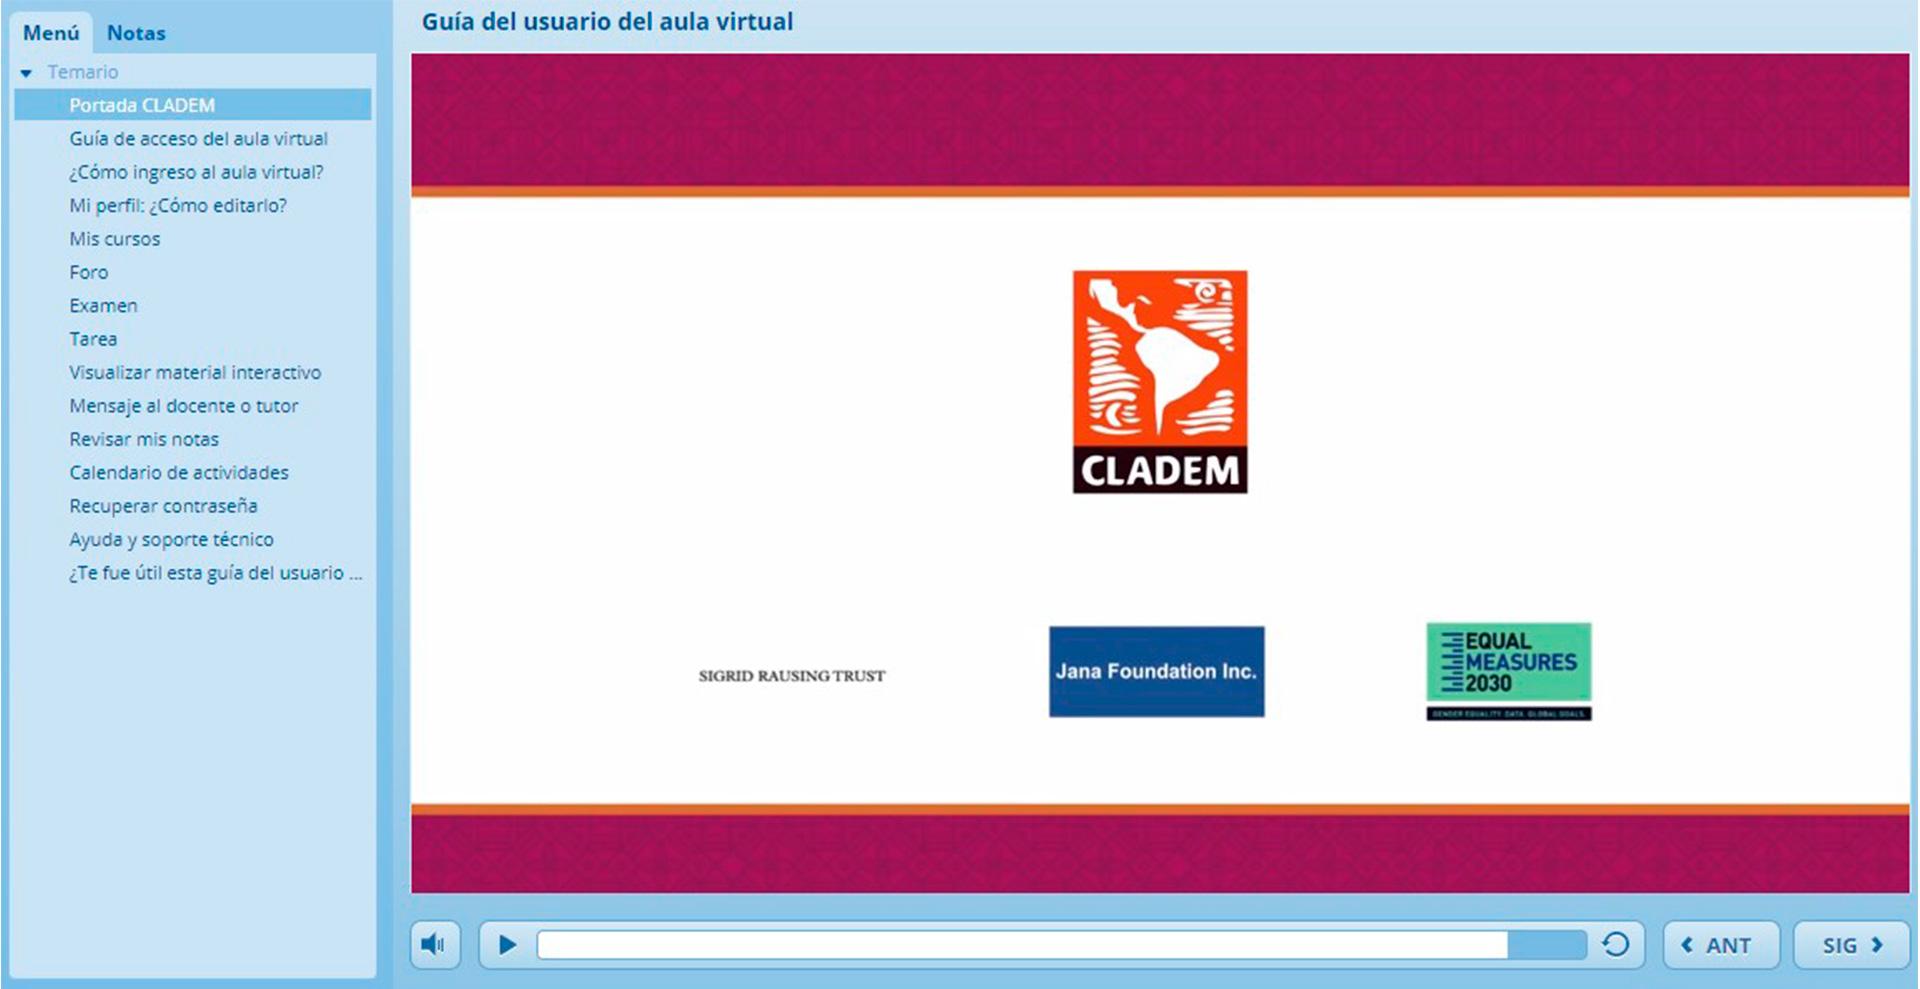 CLADEM Guía del uso del aula virtual